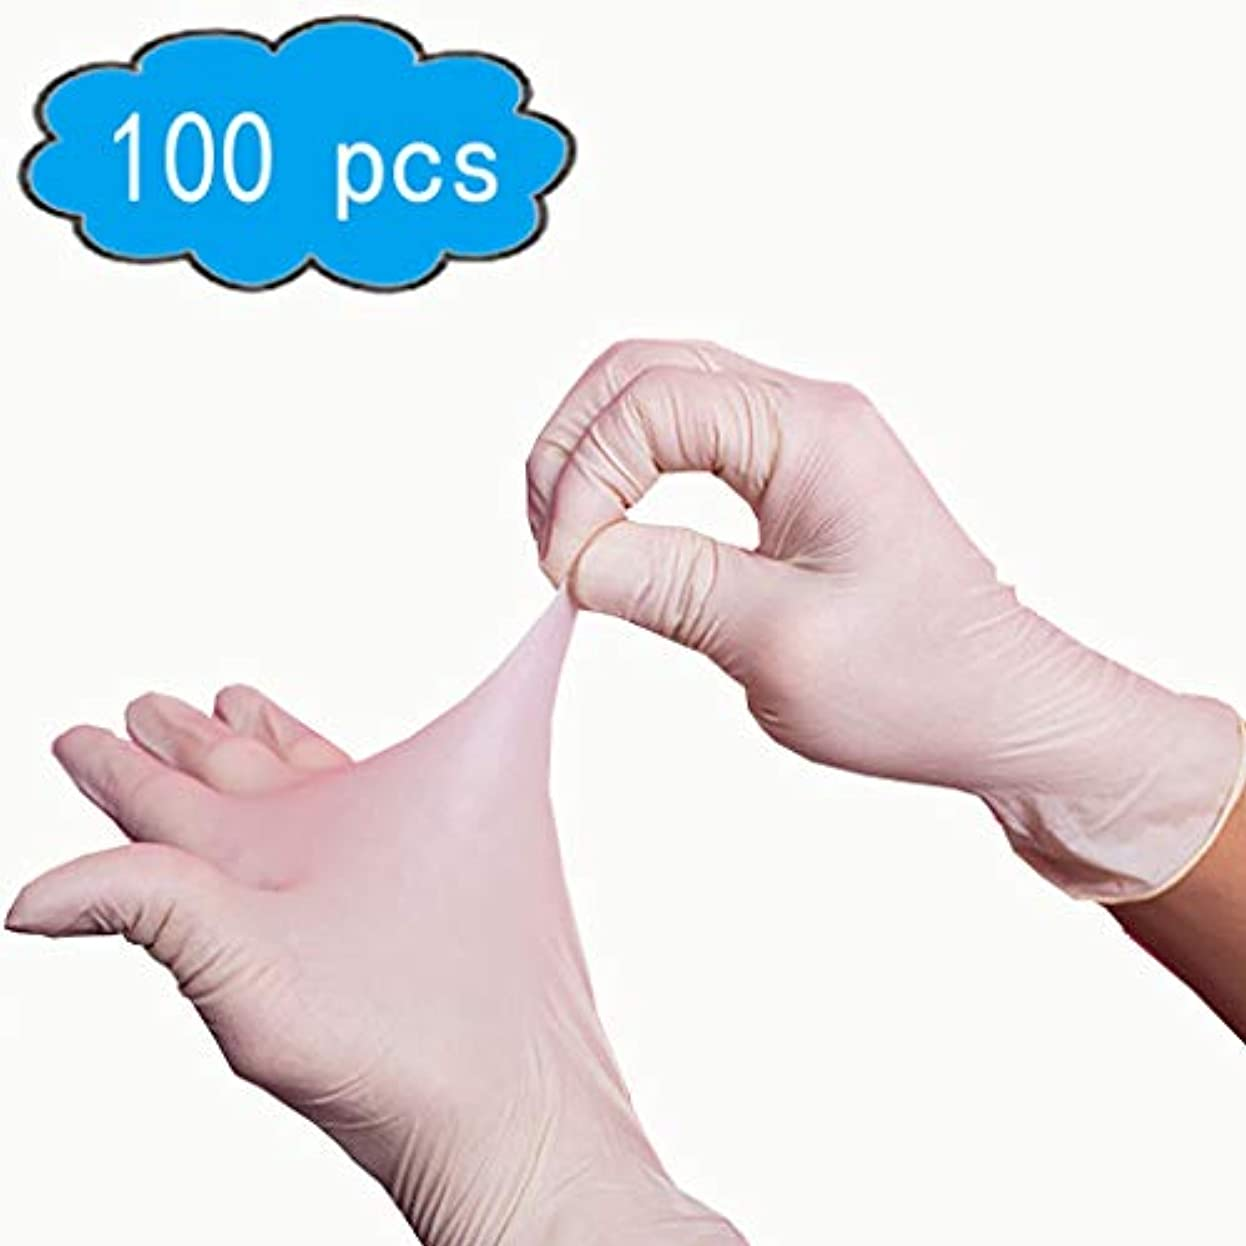 報告書オーナーリビジョンゴム手袋パウダーフリー/使い捨て食品調理用手袋/キッチンフードサービスクリーニンググローブサイズミディアム、100個入り、応急処置用品、サニタリー手袋 (Color : White, Size : L)